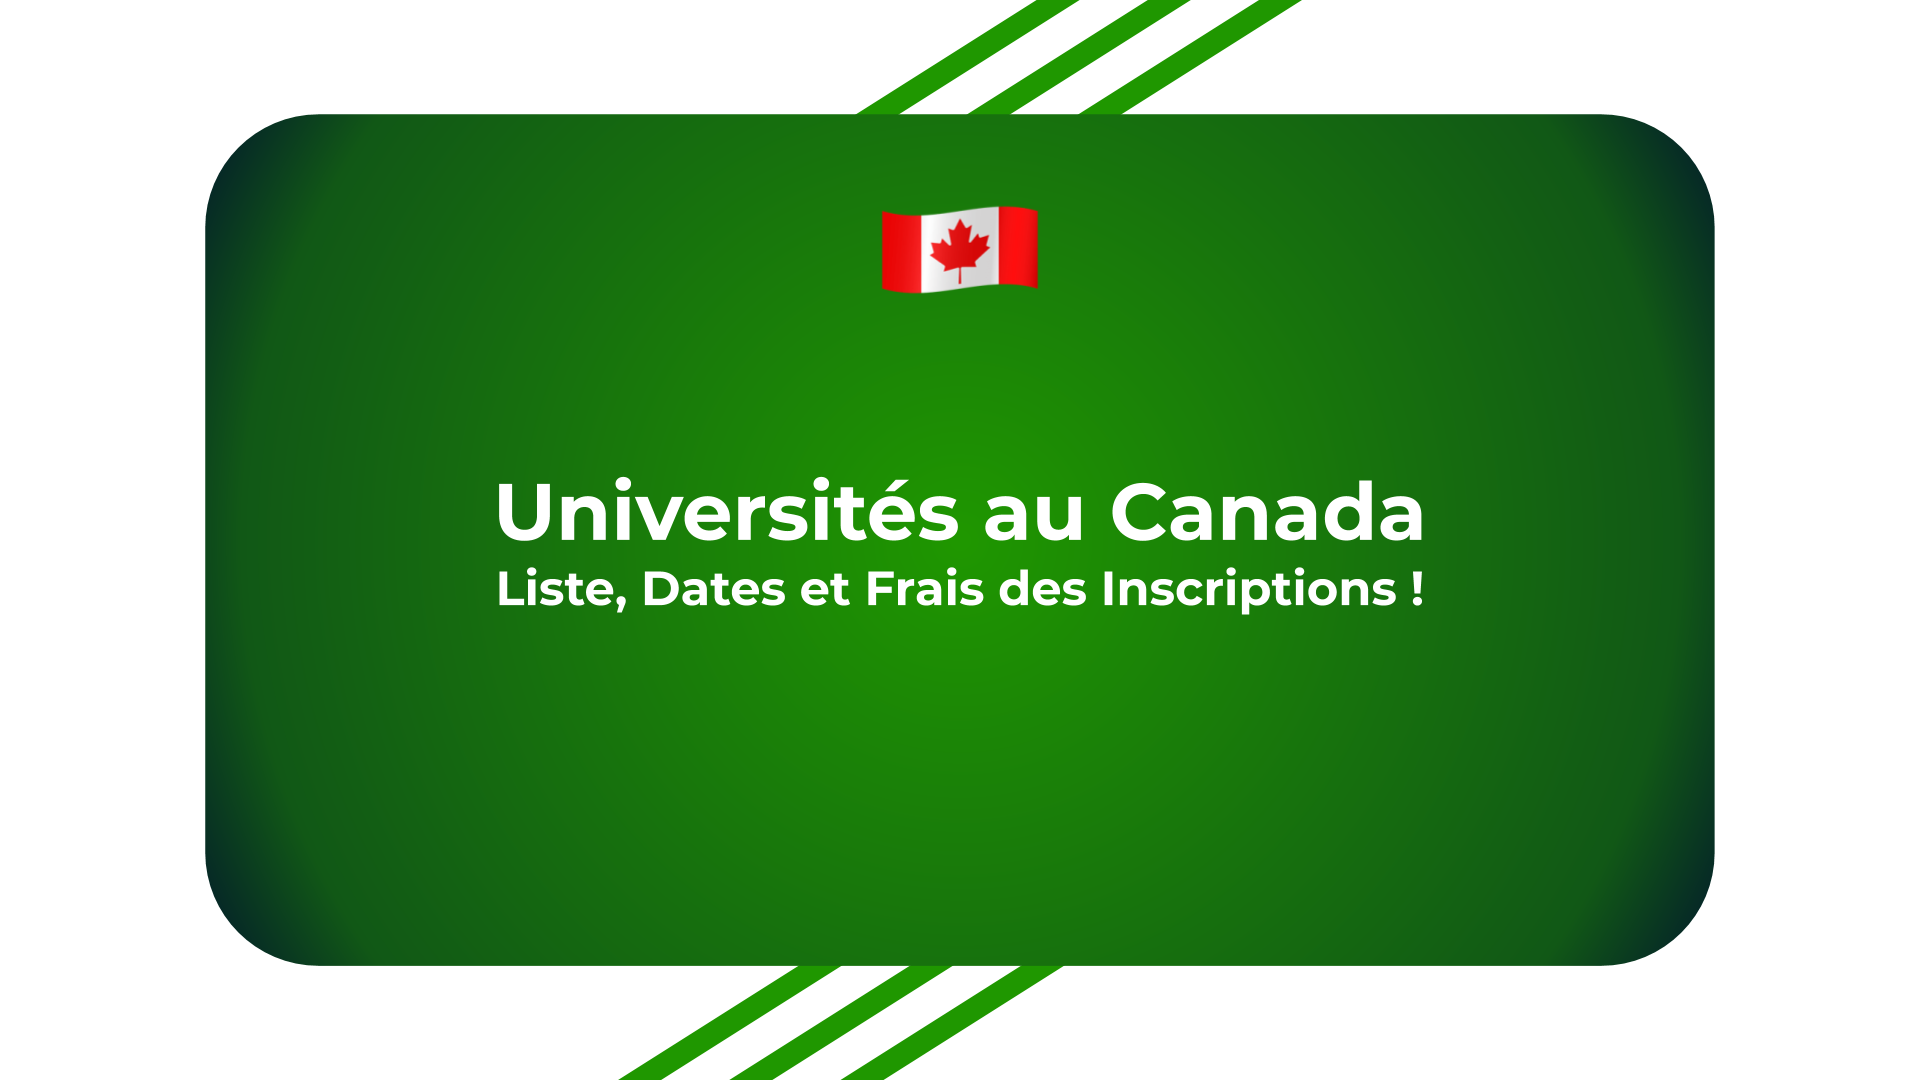 Universités au Canada - Liste, Dates et Frais des Inscriptions !